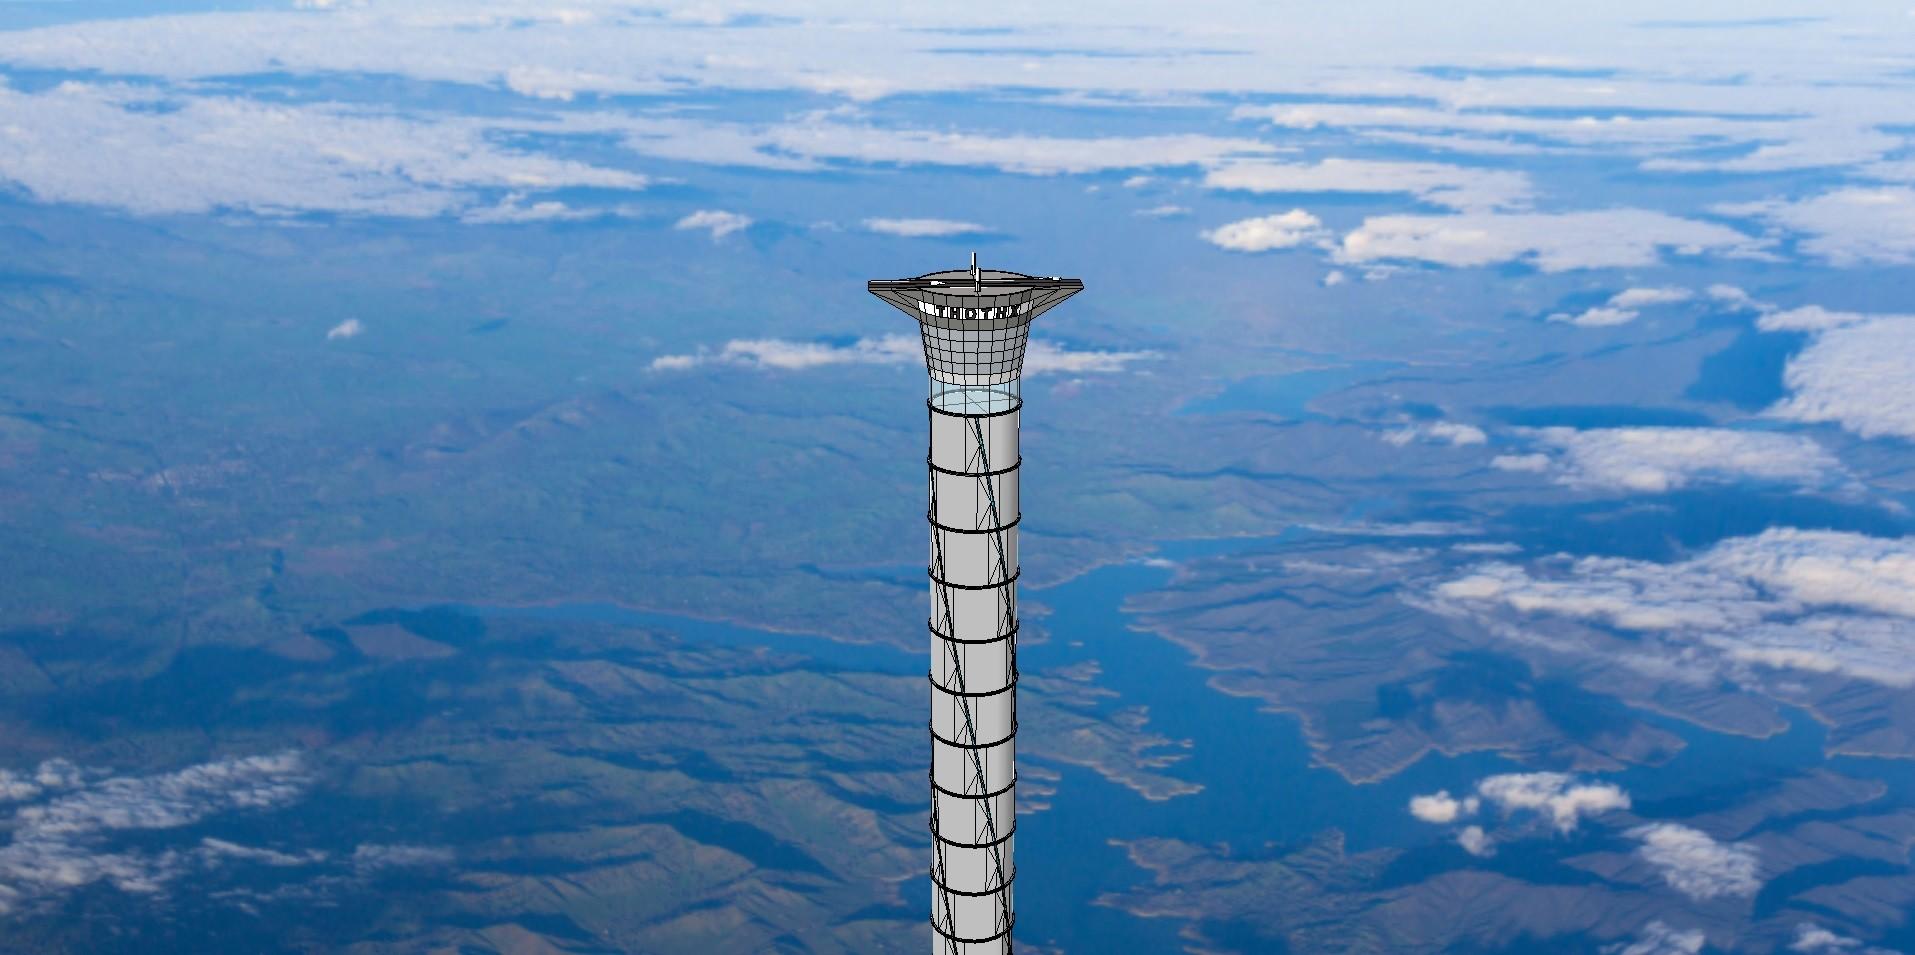 Elevador 'espacial' com altura de 20 quilômetros é patenteado